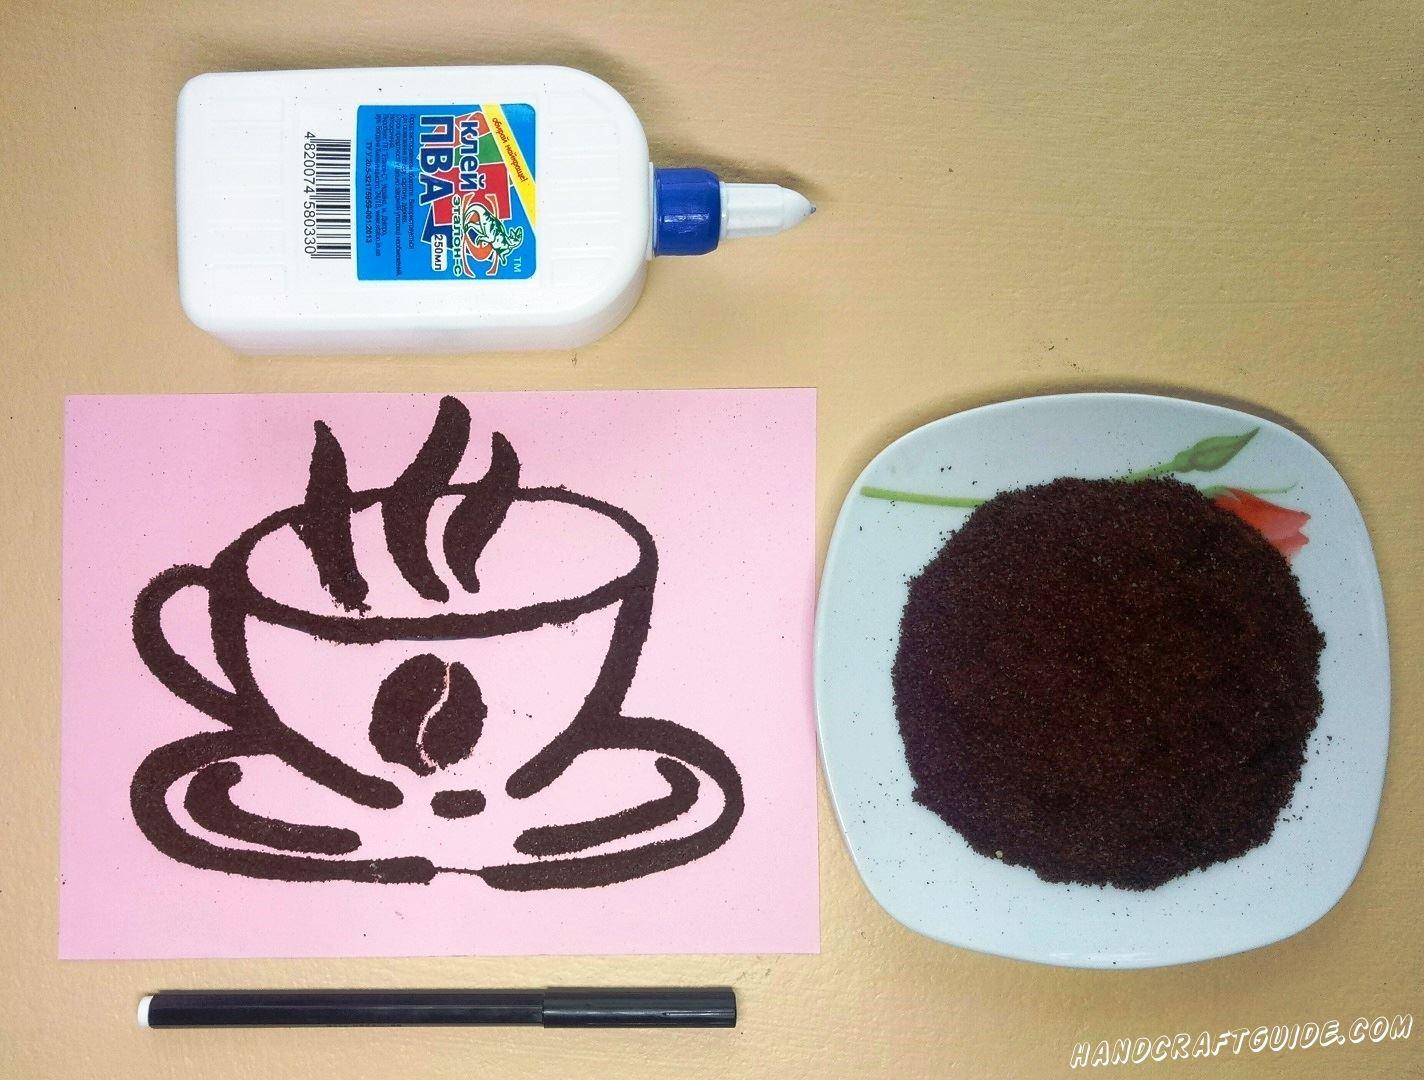 И стряхиваем лишнее кофе